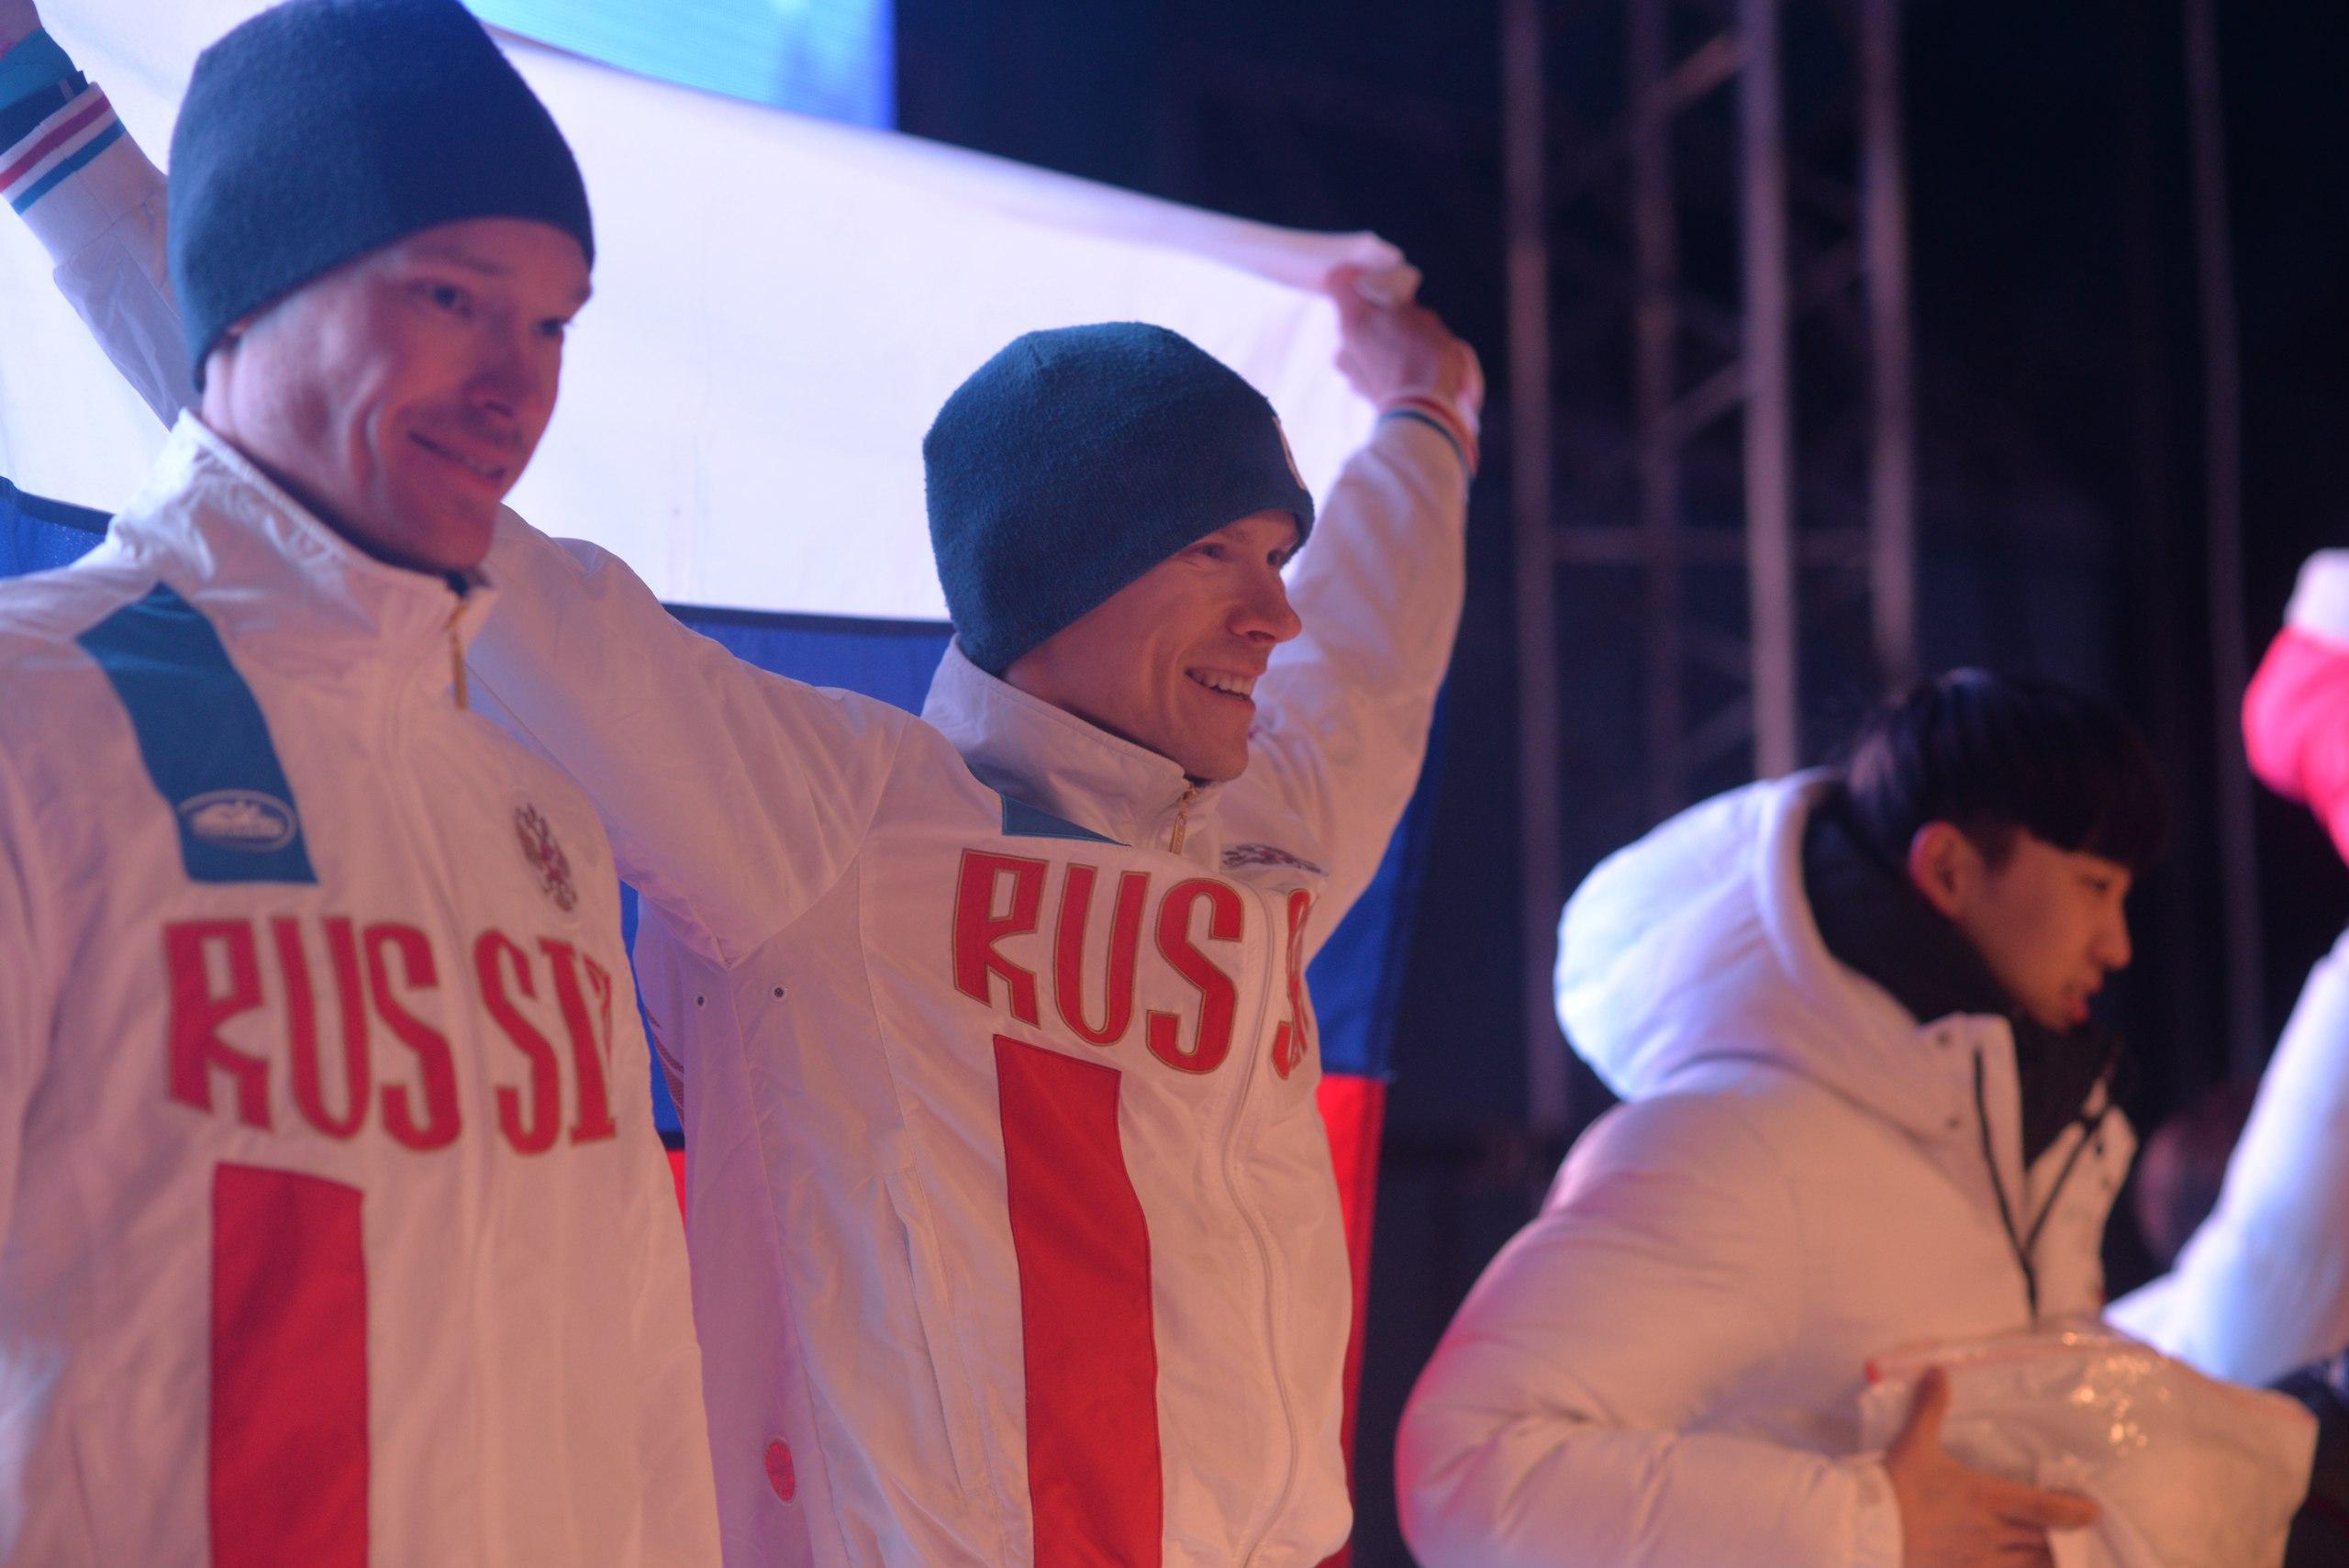 Кировские ледолазы стали победителями и призерами чемпионата Европы и Кубка мира по ледолазанию.